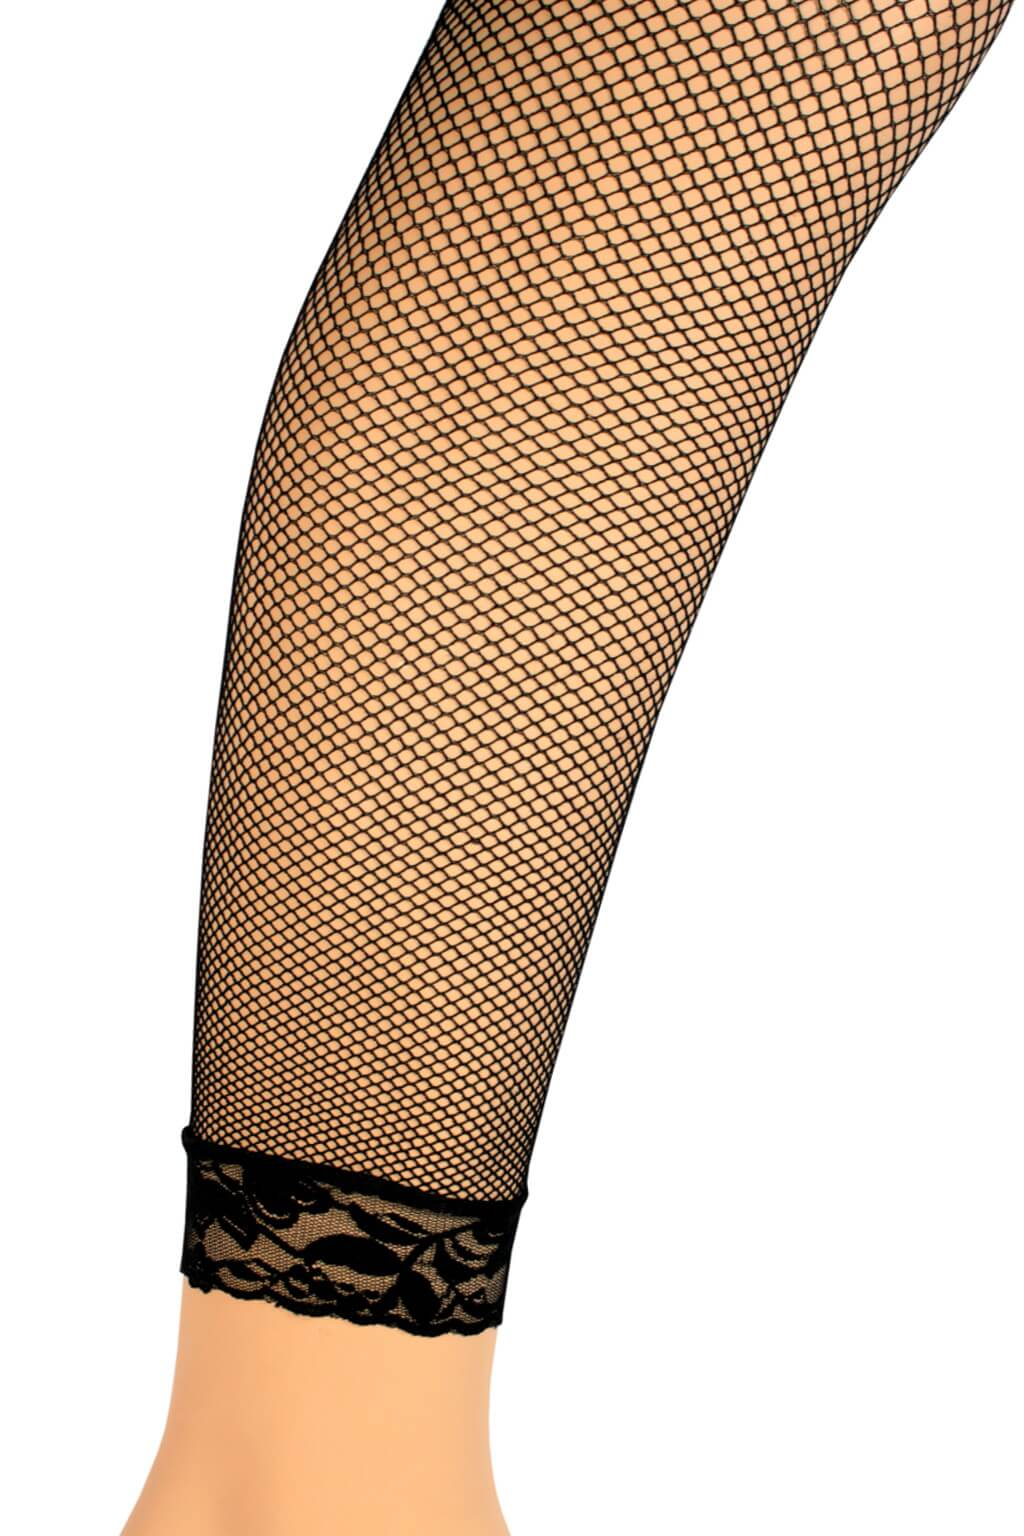 Cayla dámské síťované sexy legíny černá